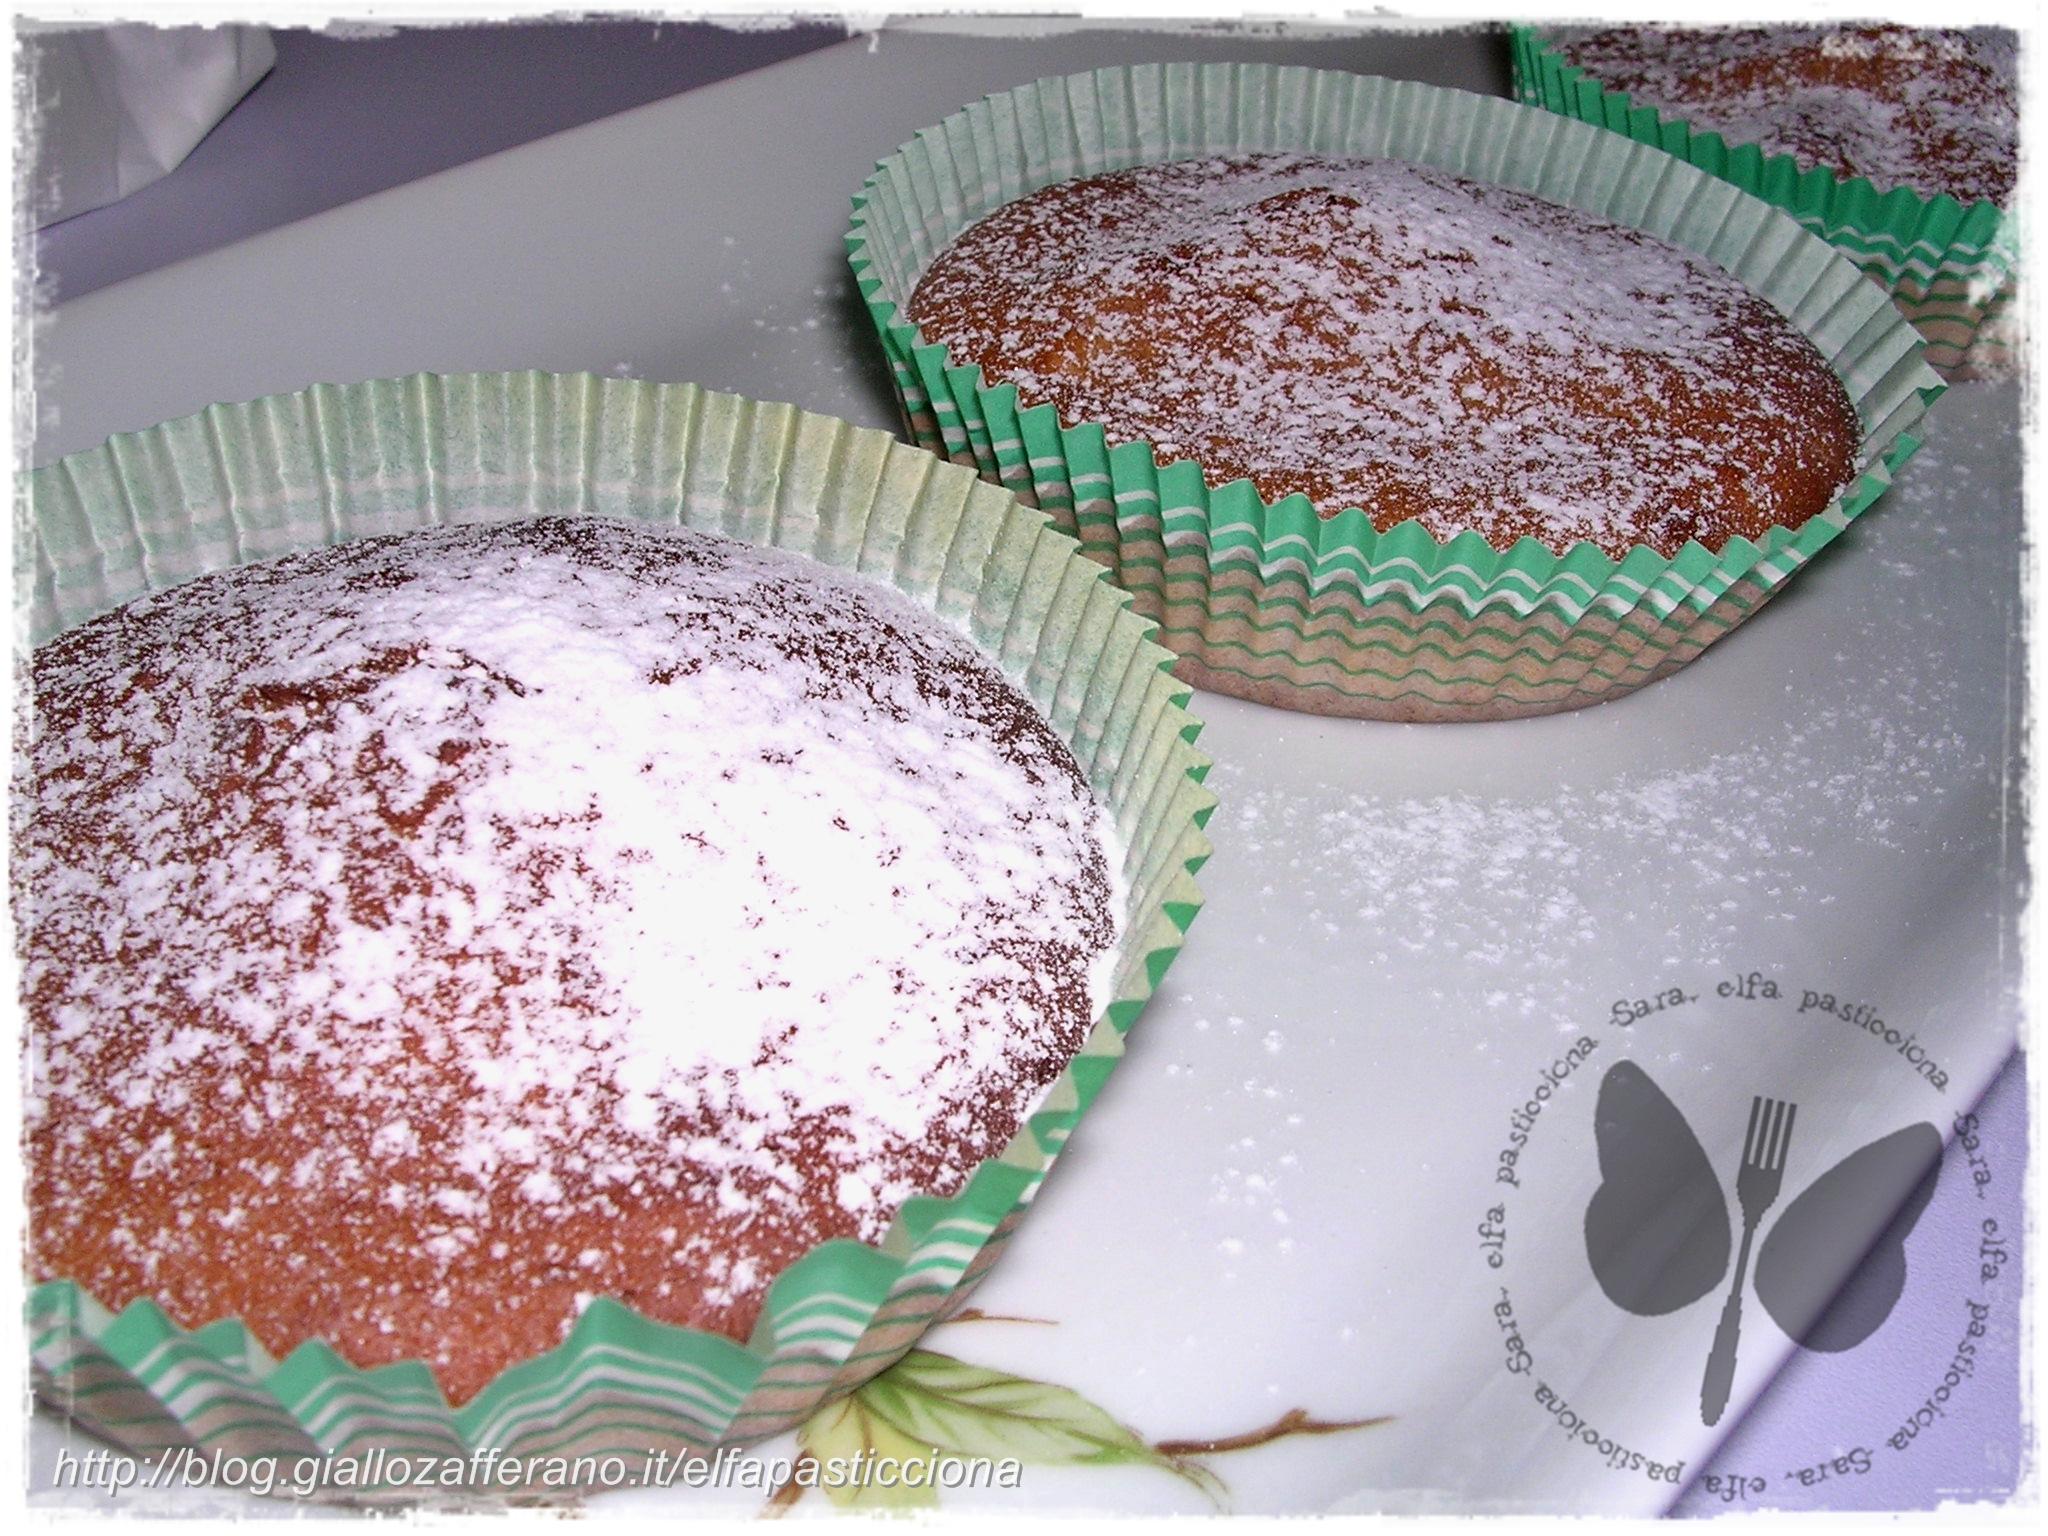 muffins alla ricotta e composta di arance